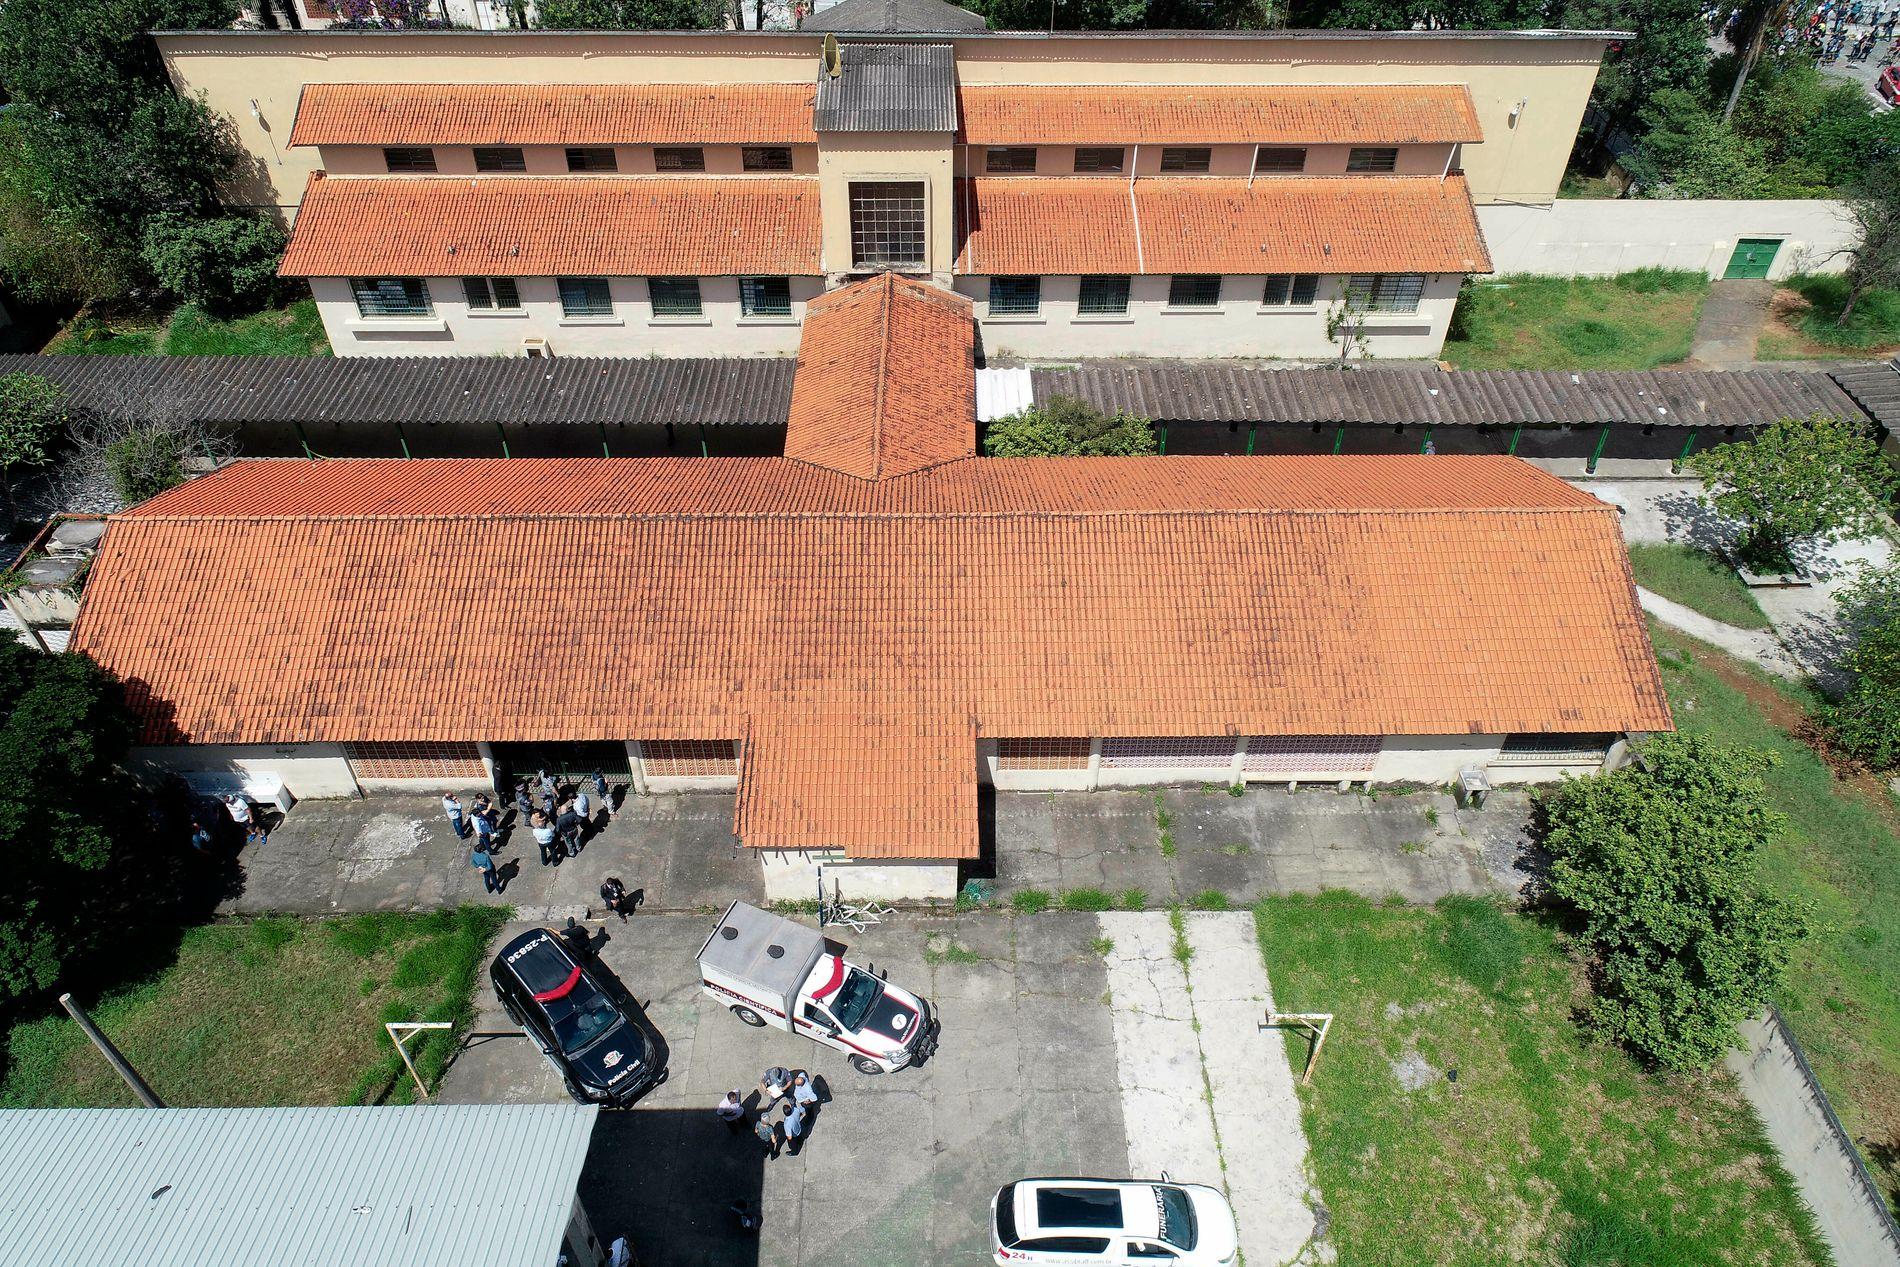 Den offentlige skolen Raul Brasil i São Paulo-forstaden Suzano, hvor to gjerningspersoner åpnet ild mot elevene før de skjøt seg selv. Foto: Andre Penner / AP / NTB scanpix